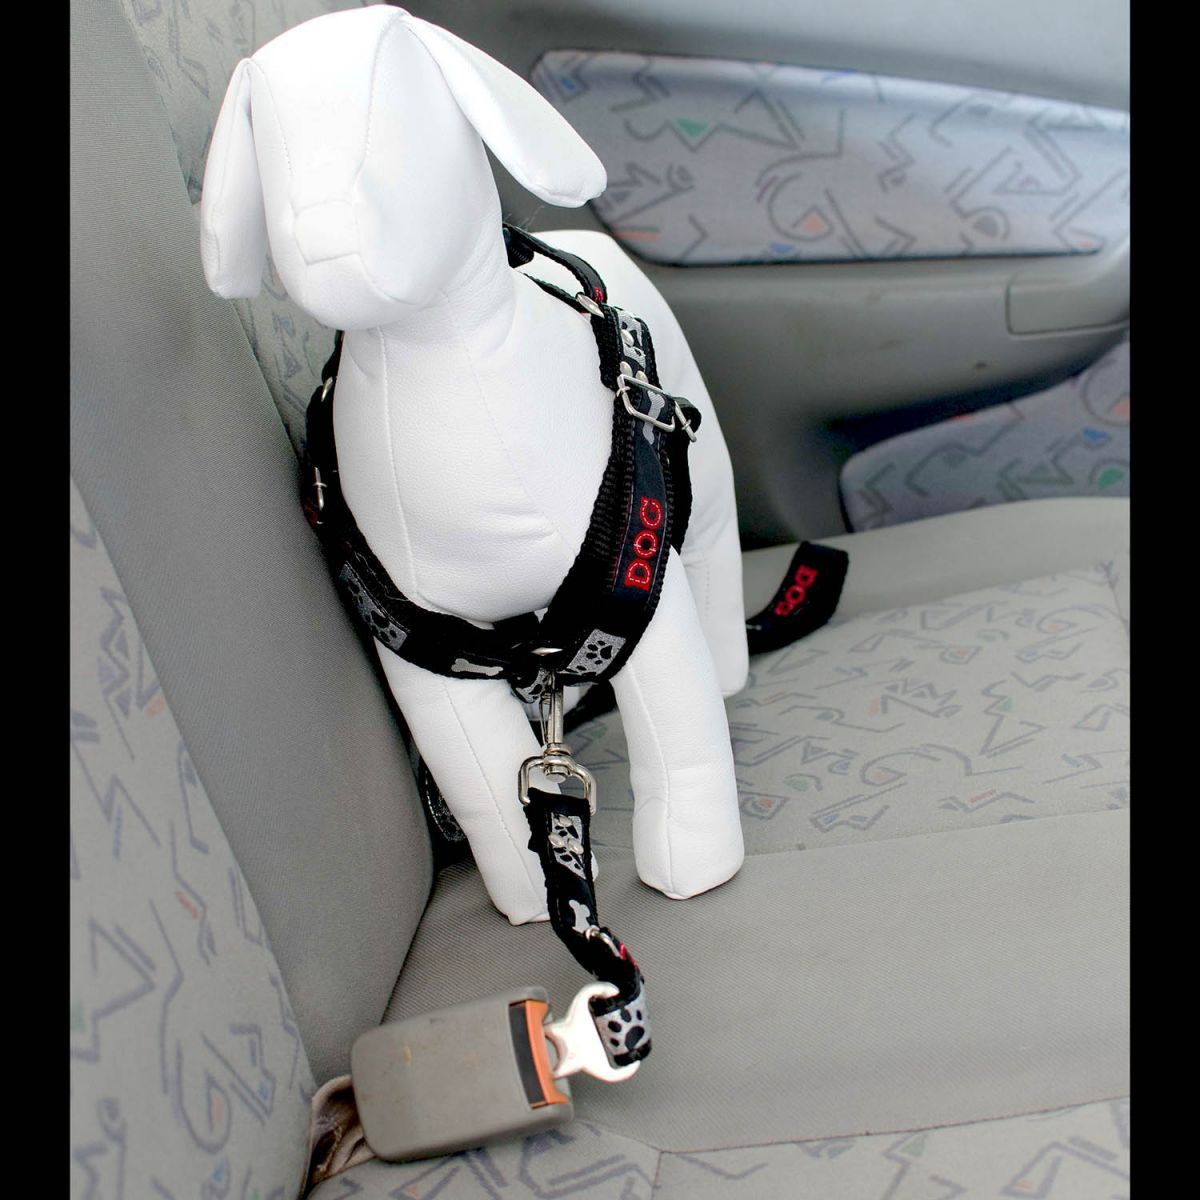 Kit 2x Coleira Peitoral Cachorro Porte Menor Guia Adaptador Cinto Segurança Tamanho M - Cores Rosa e Preta